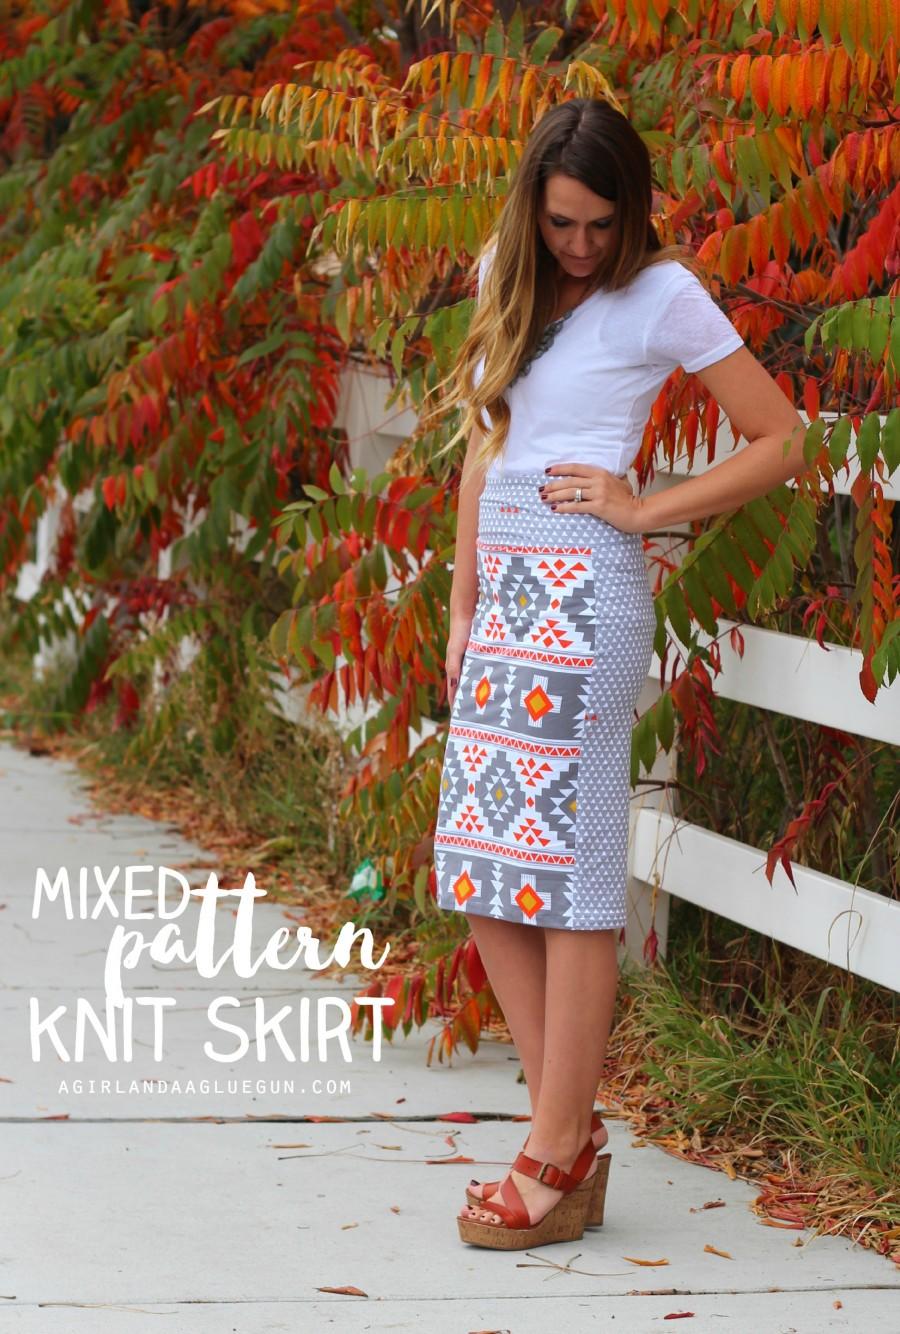 mixed-pattern-knit-skirt-four-corners-fabric-900x1334